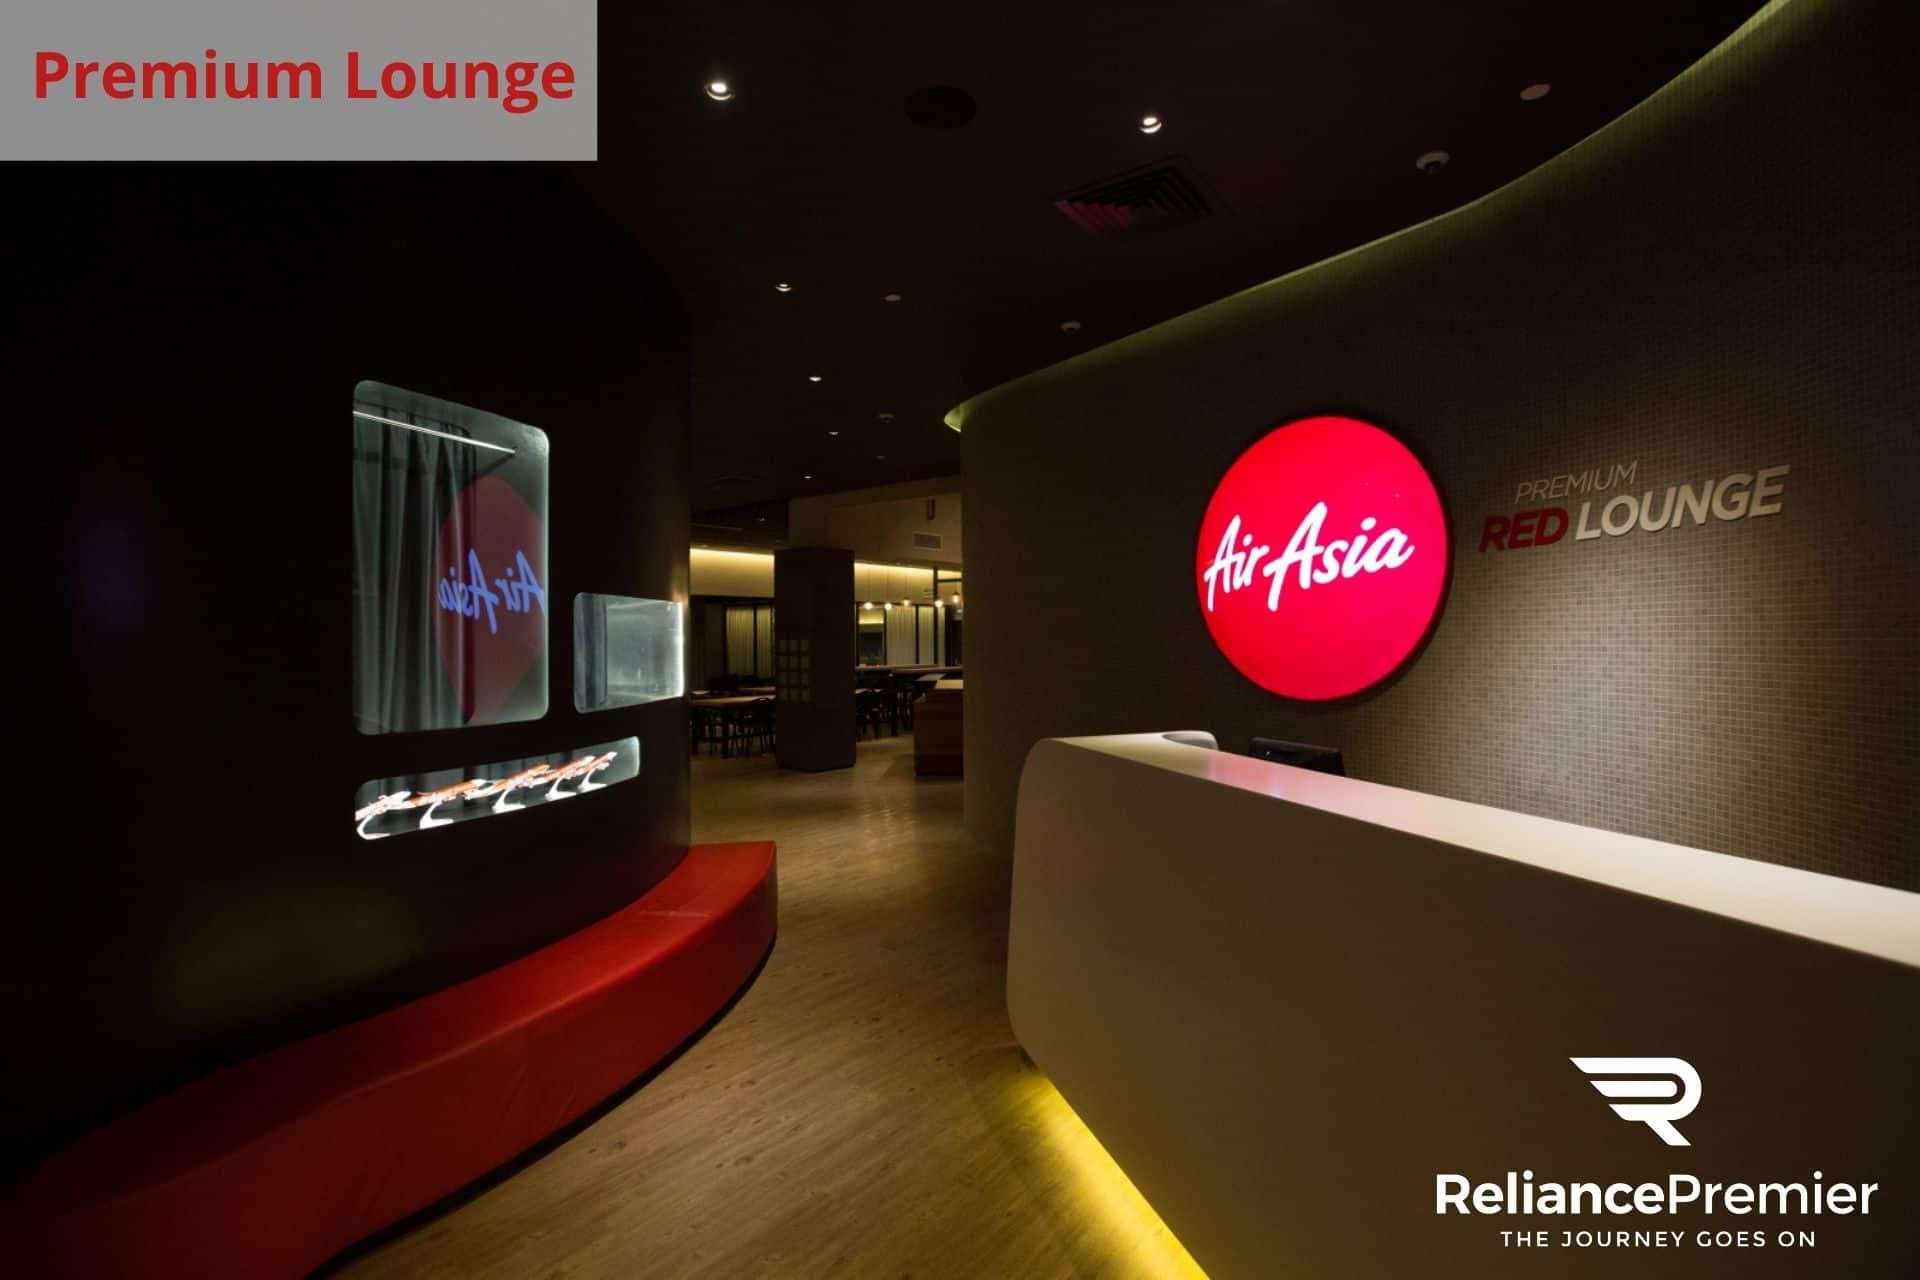 Airasia Premium Lounge